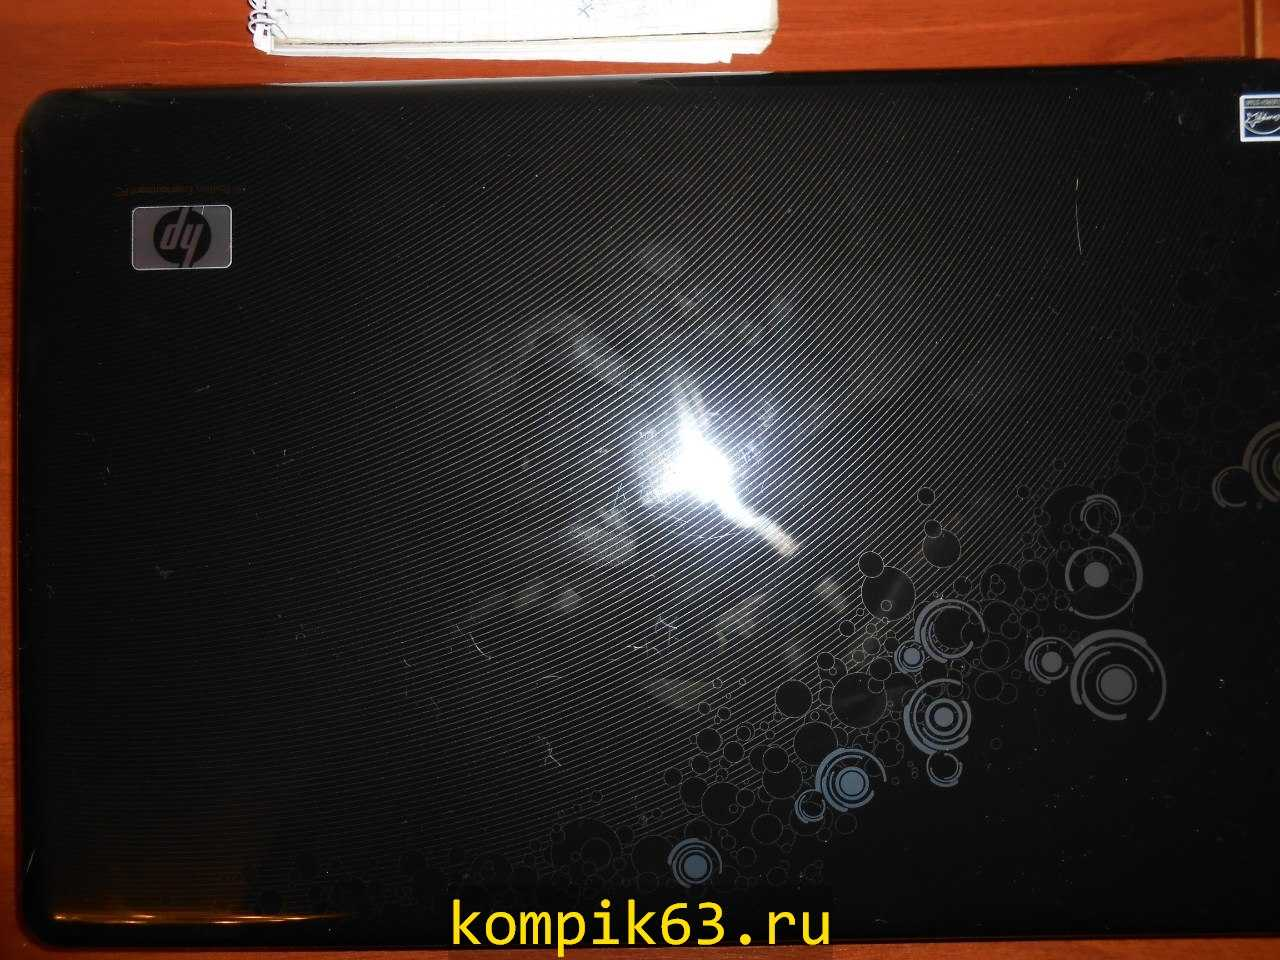 kompik63.ru-127